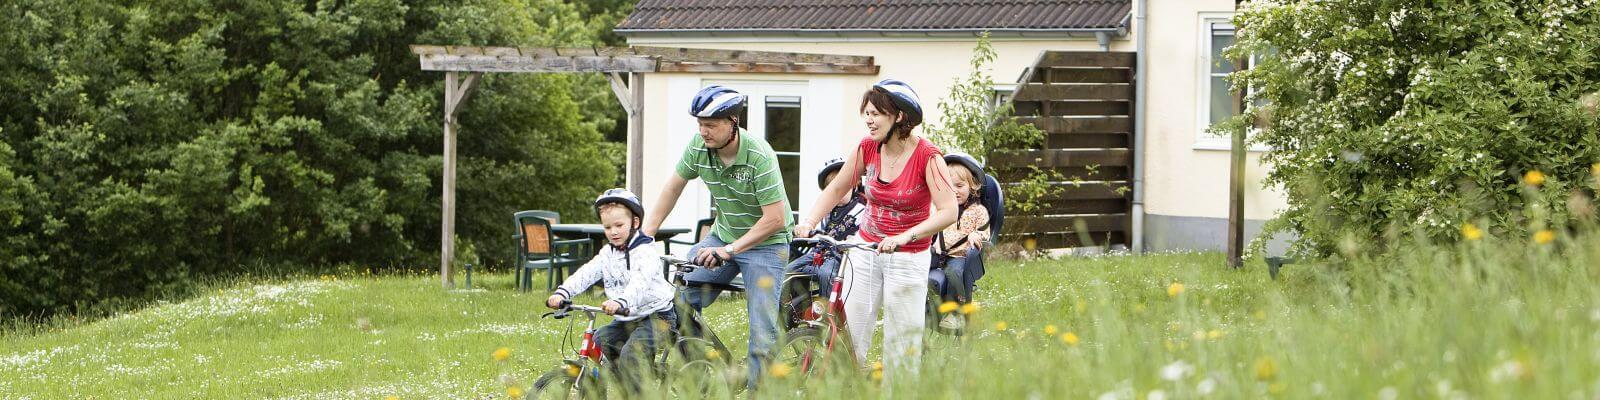 Moezel Eifel fietsen